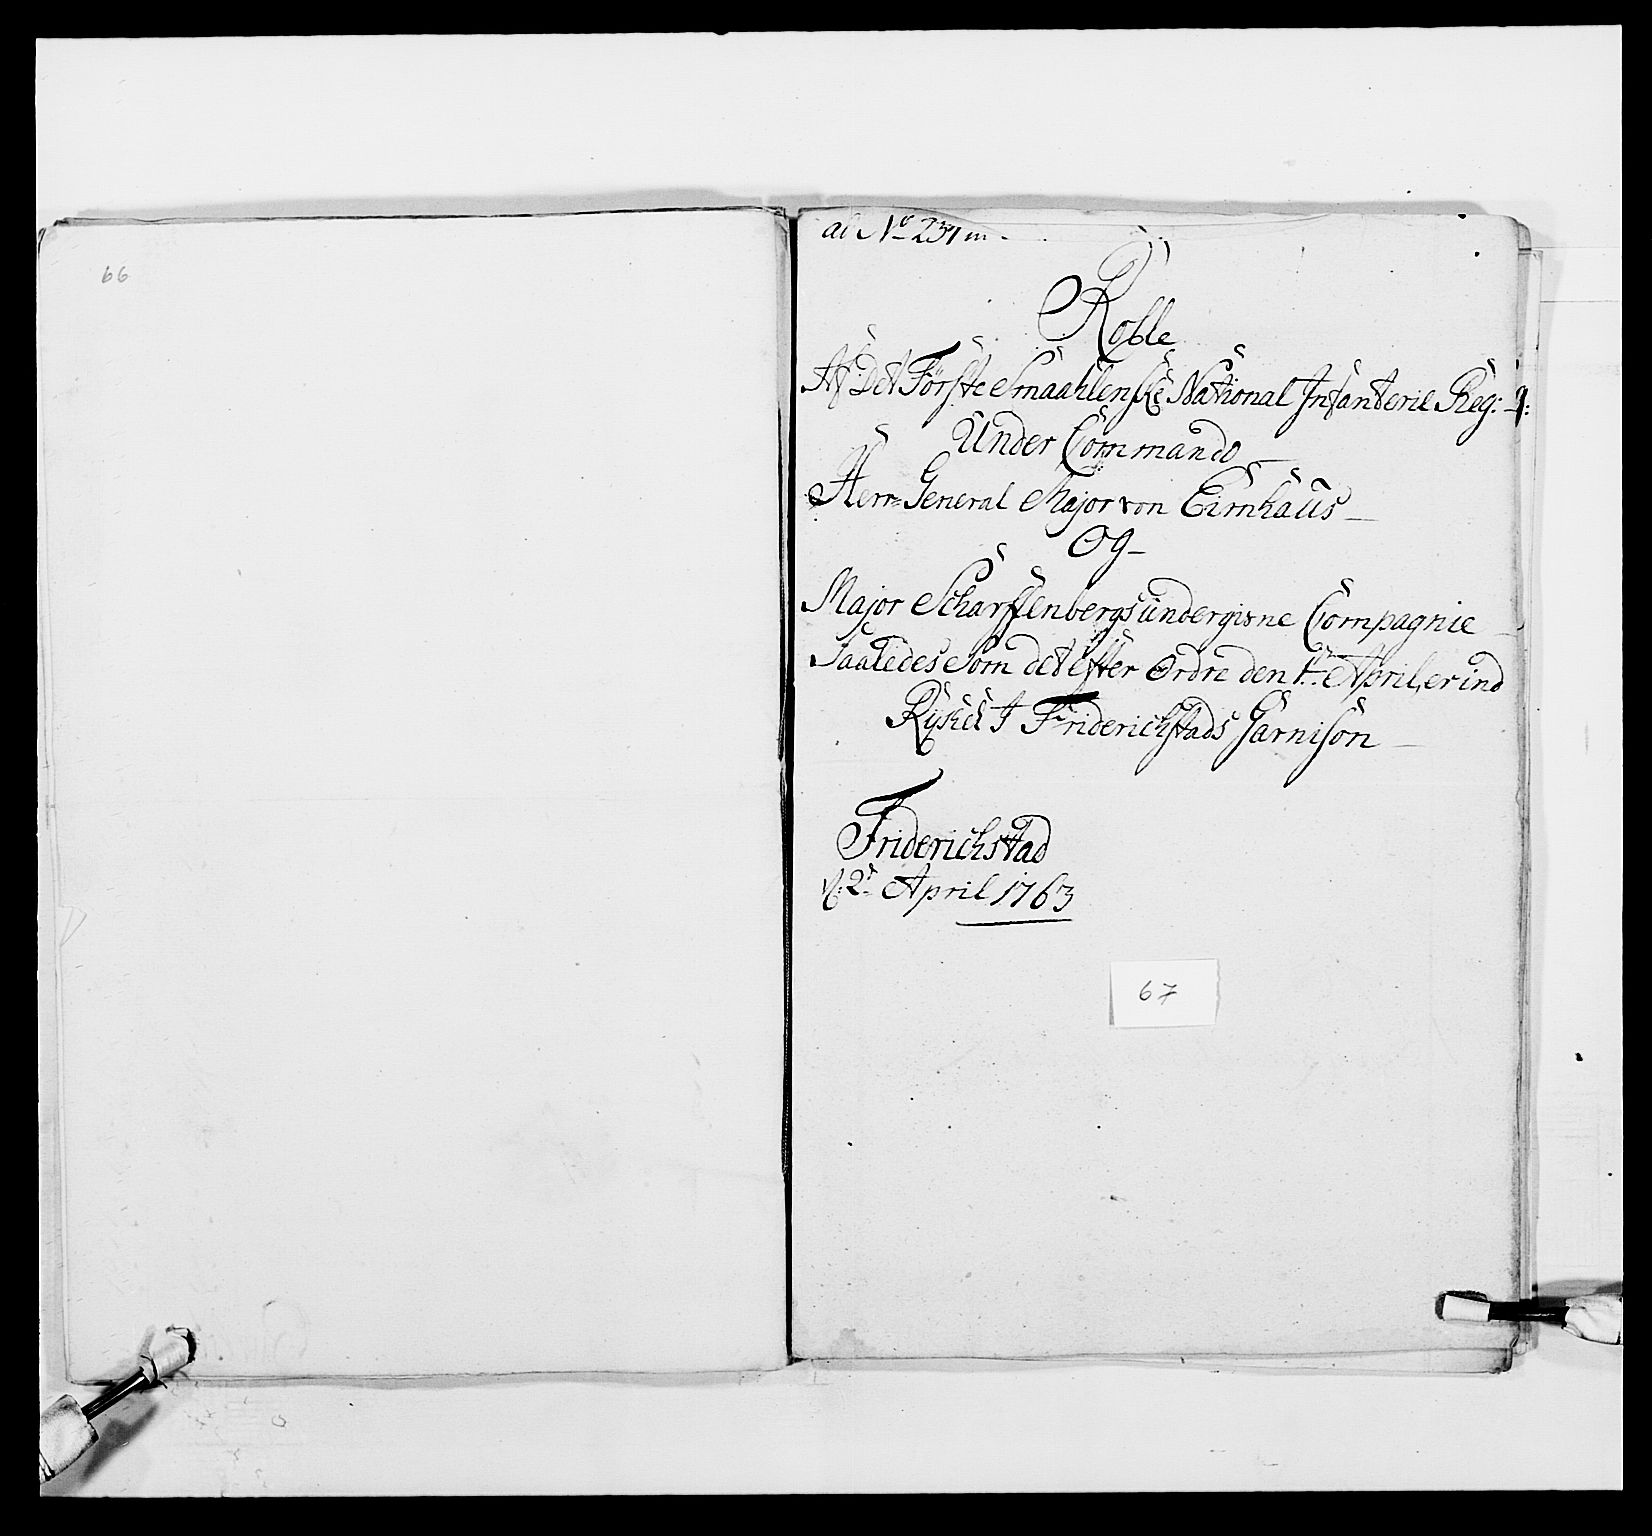 RA, Kommanderende general (KG I) med Det norske krigsdirektorium, E/Ea/L0495: 1. Smålenske regiment, 1732-1763, s. 844